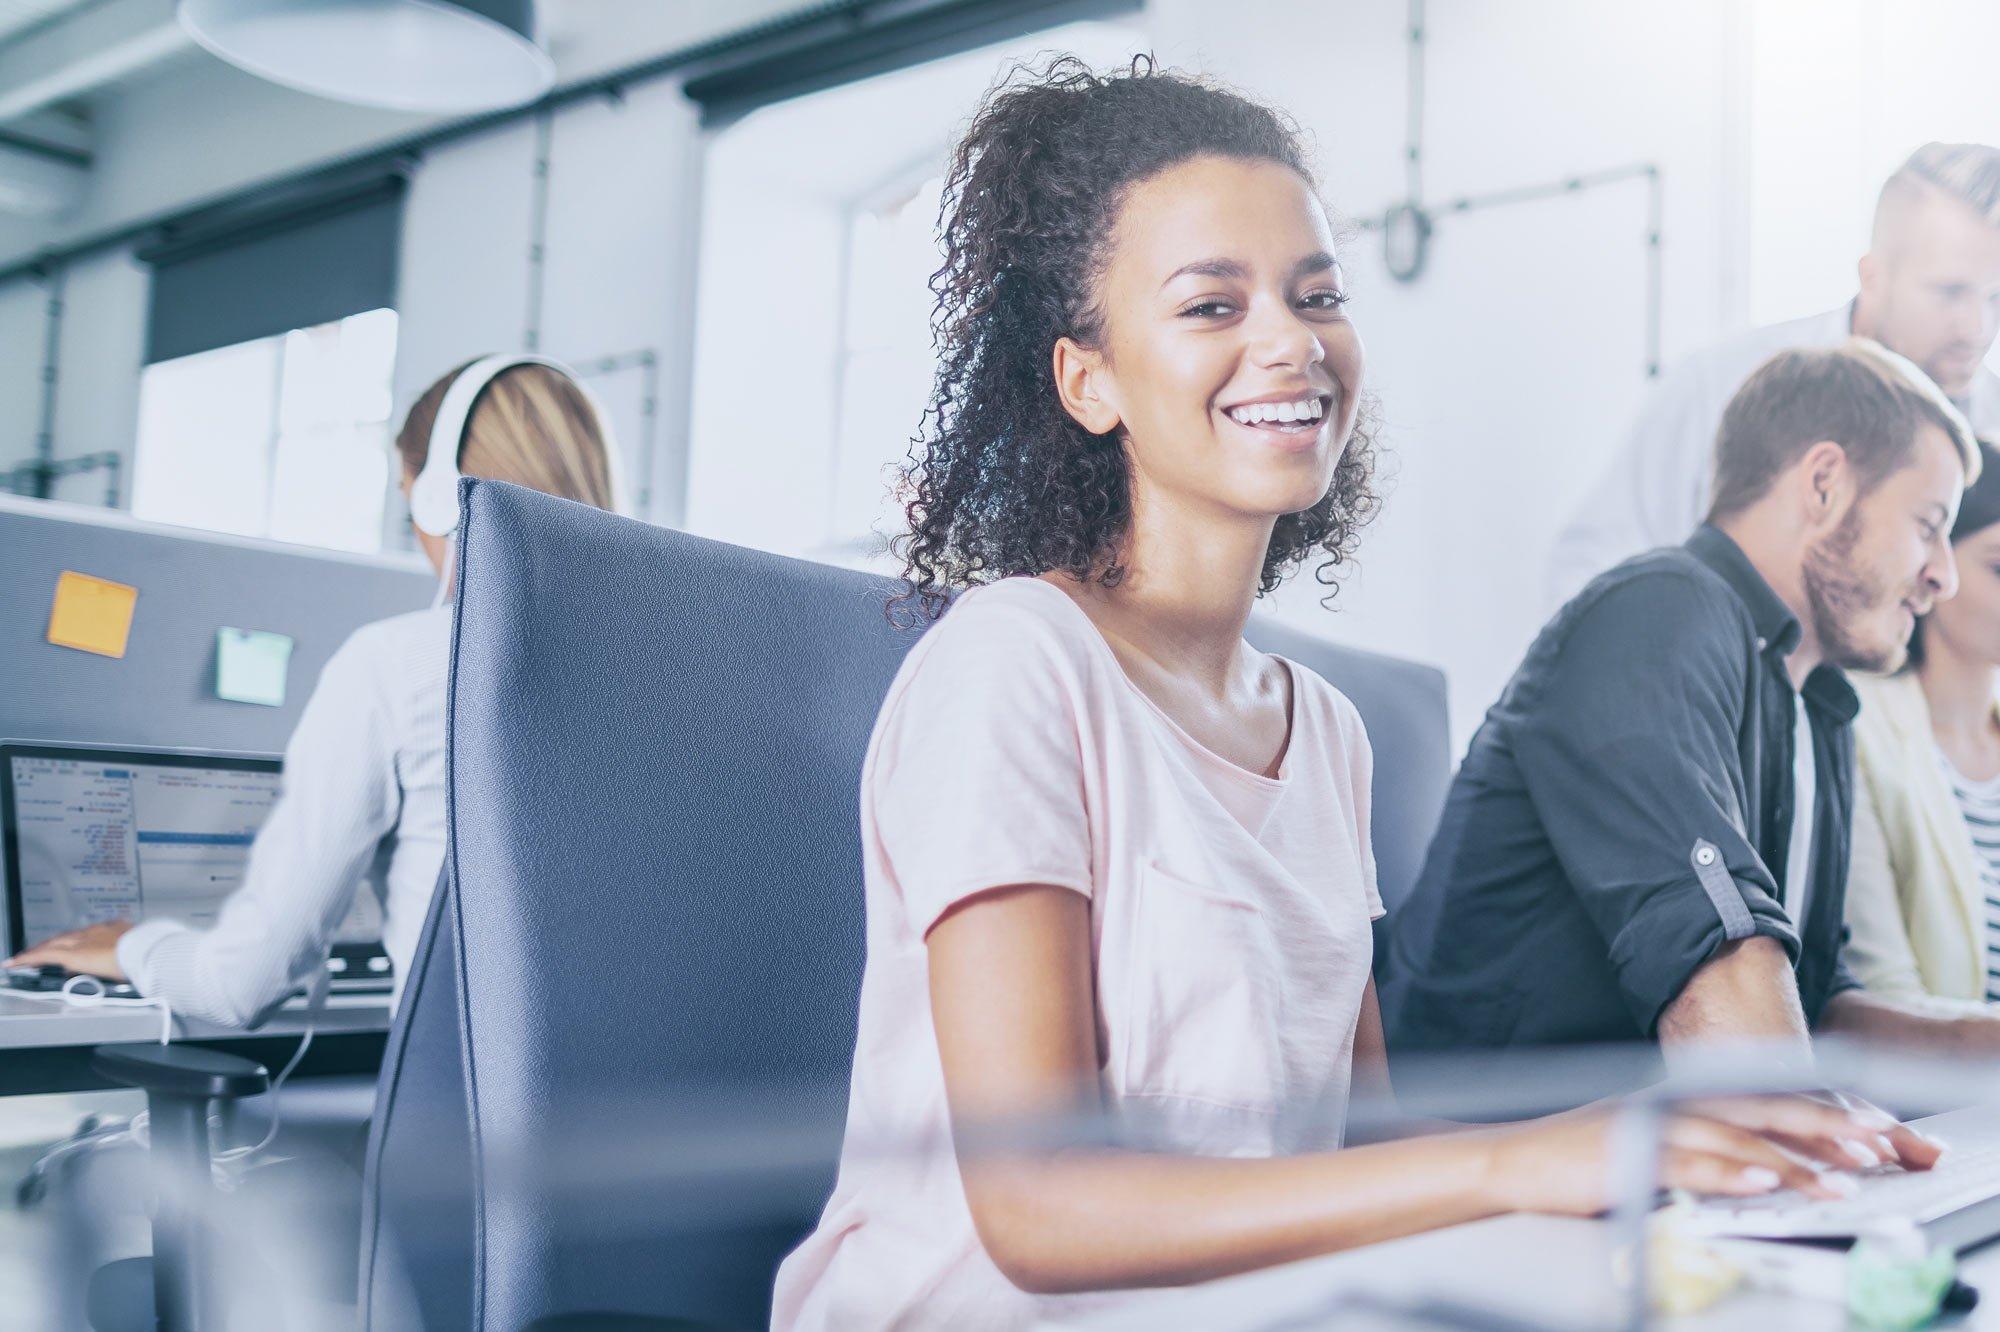 Como um sistema para controlar a jornada de trabalho de motoristas pode contribuir positivamente na gestão do RH